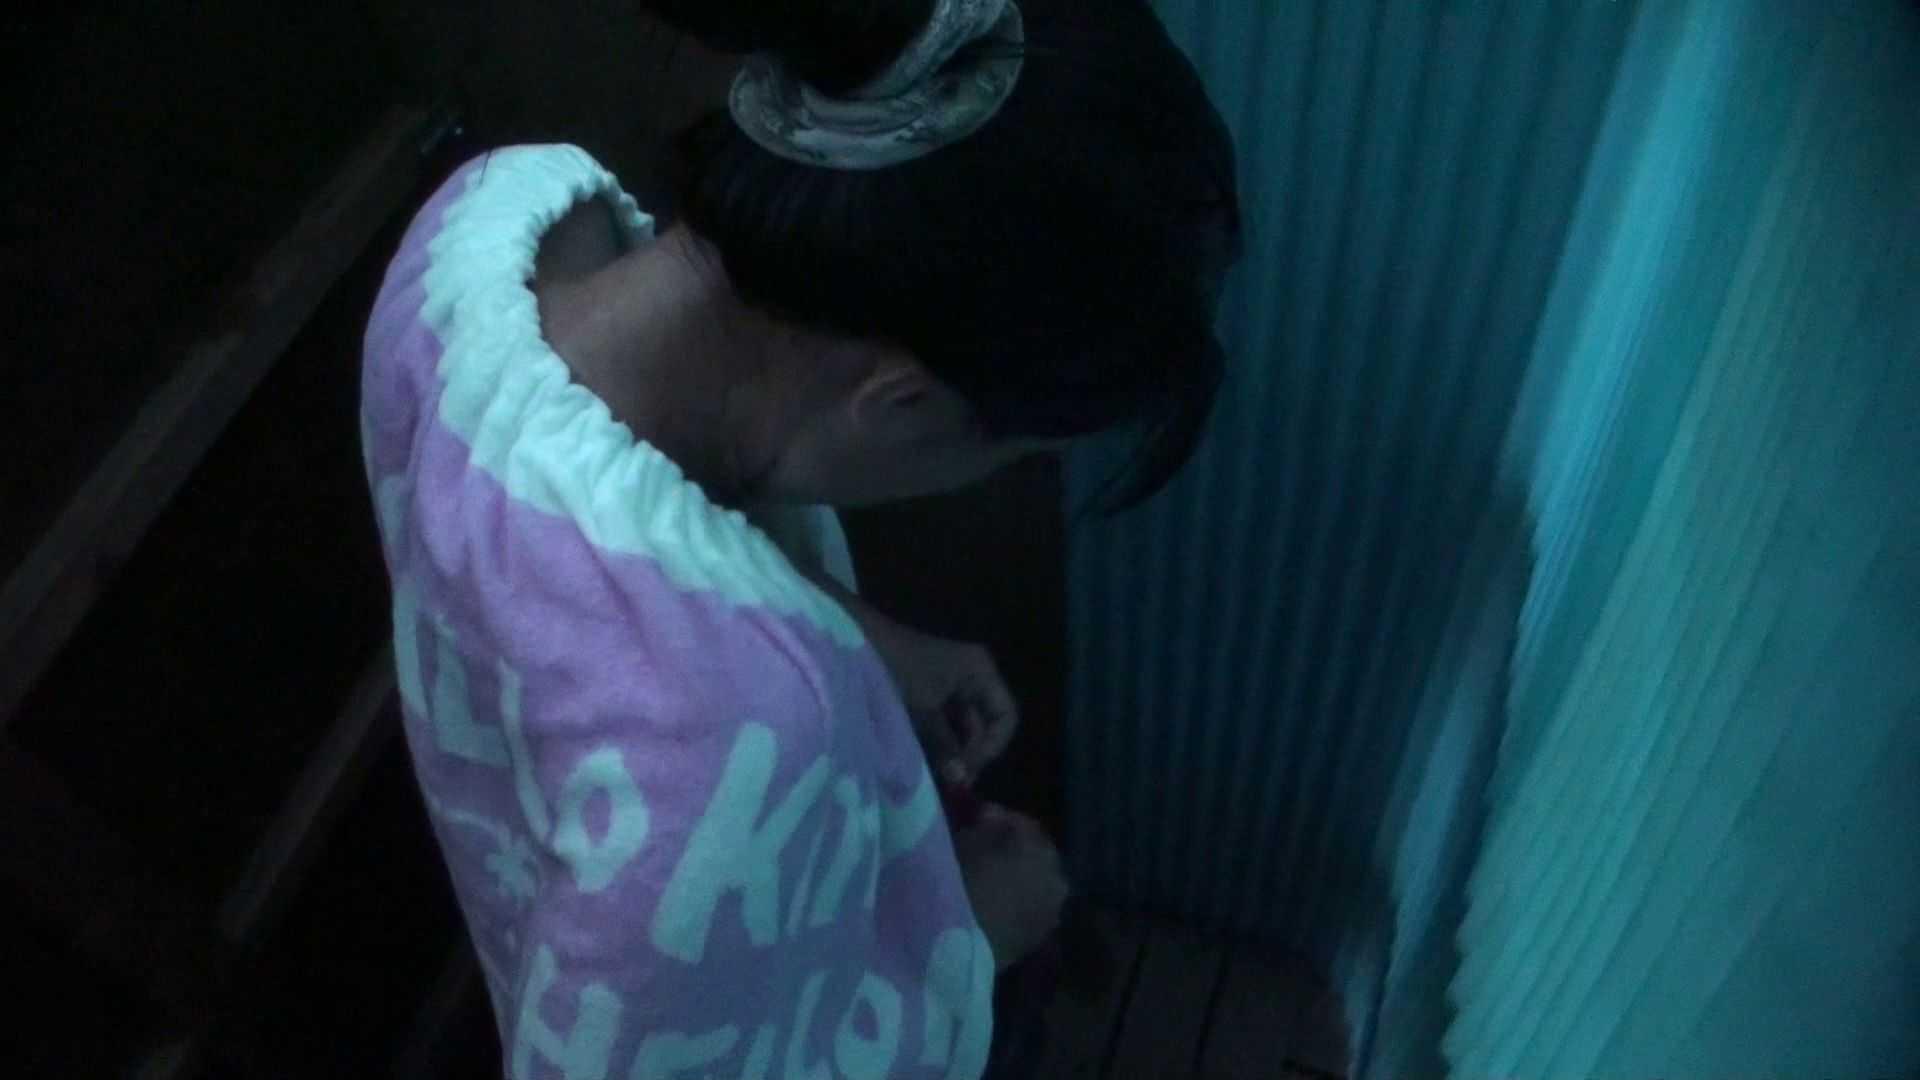 シャワールームは超!!危険な香りVol.26 大学生風美形ギャル 暗さが残念! S級美女ギャル セックス無修正動画無料 106画像 47